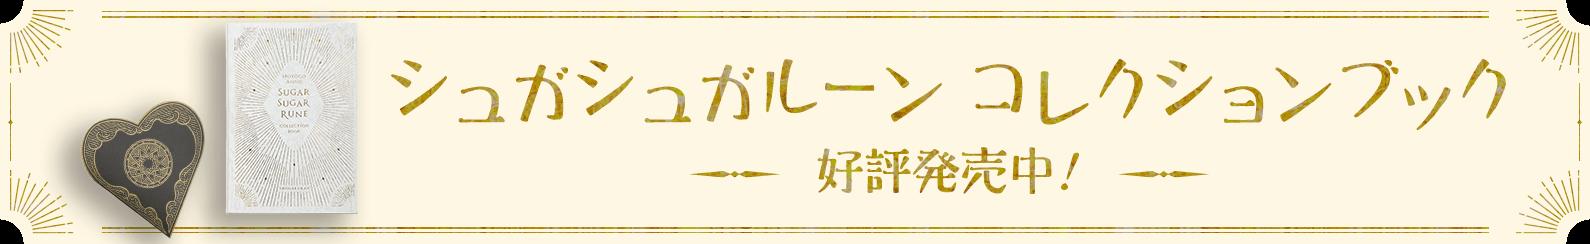 シュガシュガルーン コレクションブック 好評発売中!